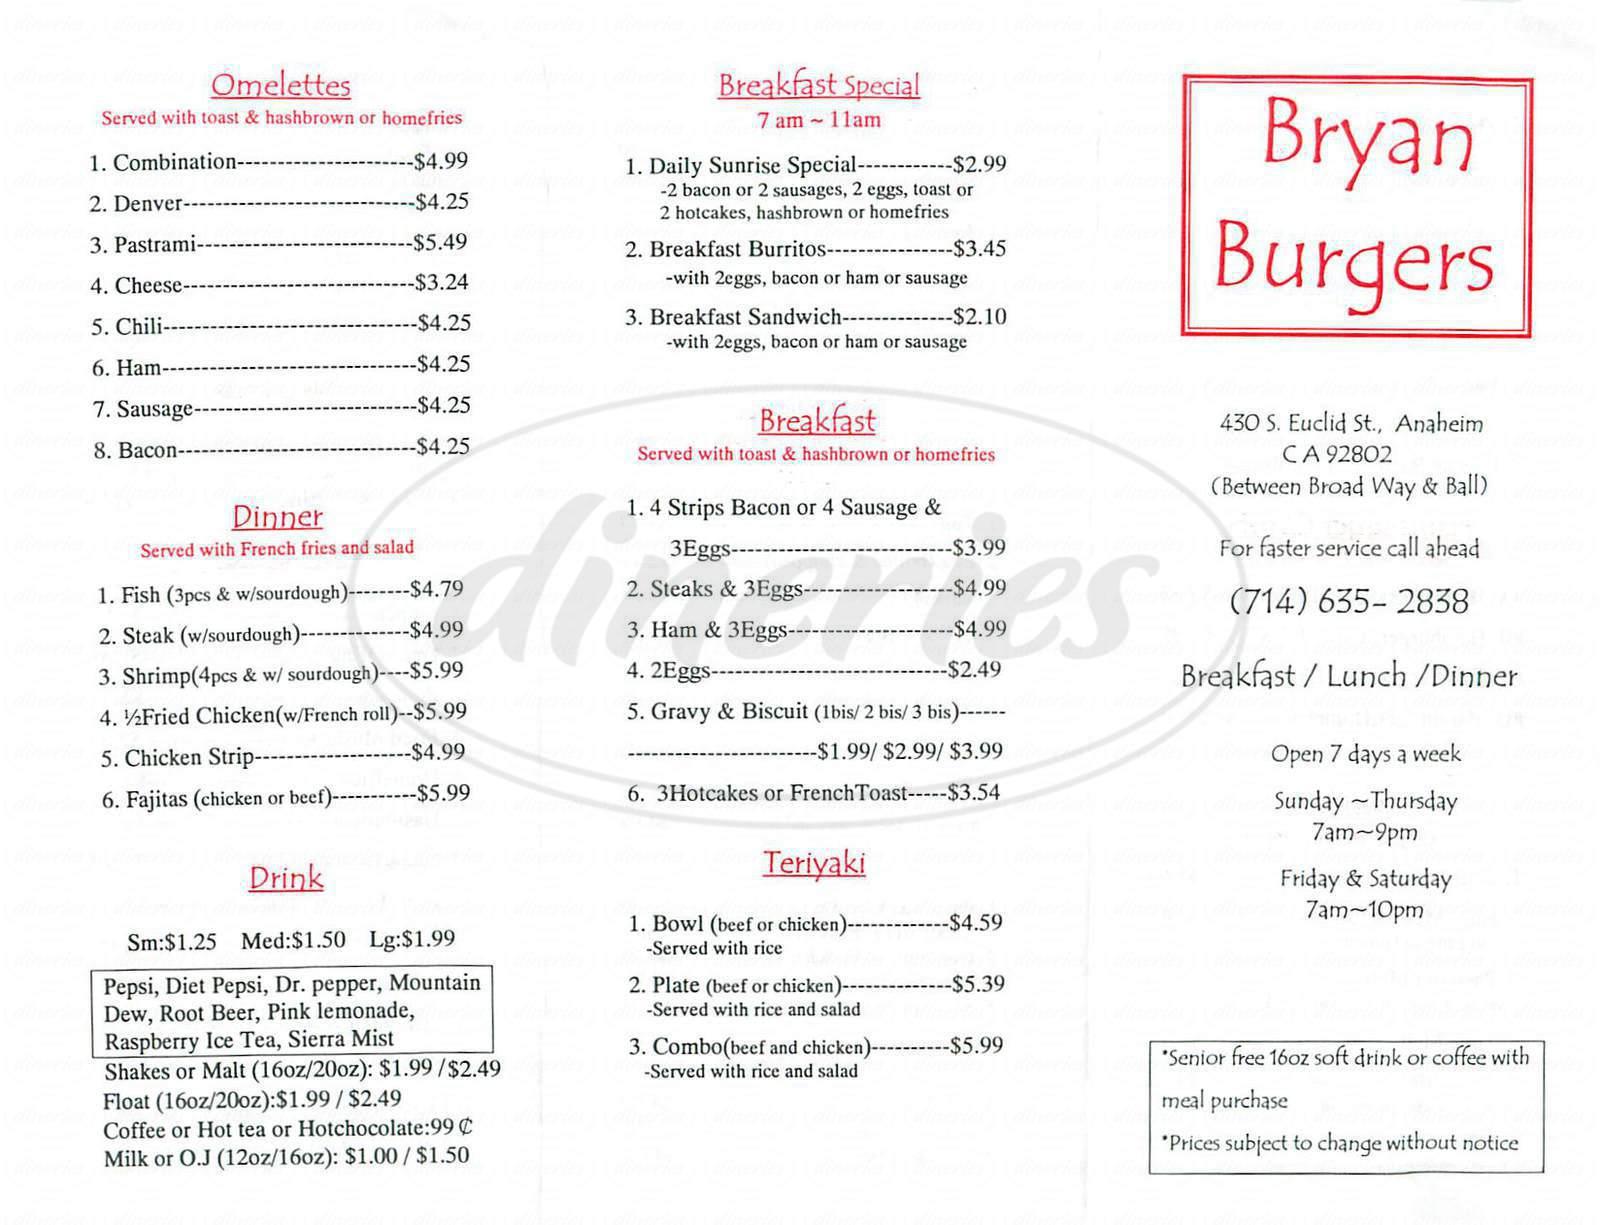 menu for Bryan Burgers